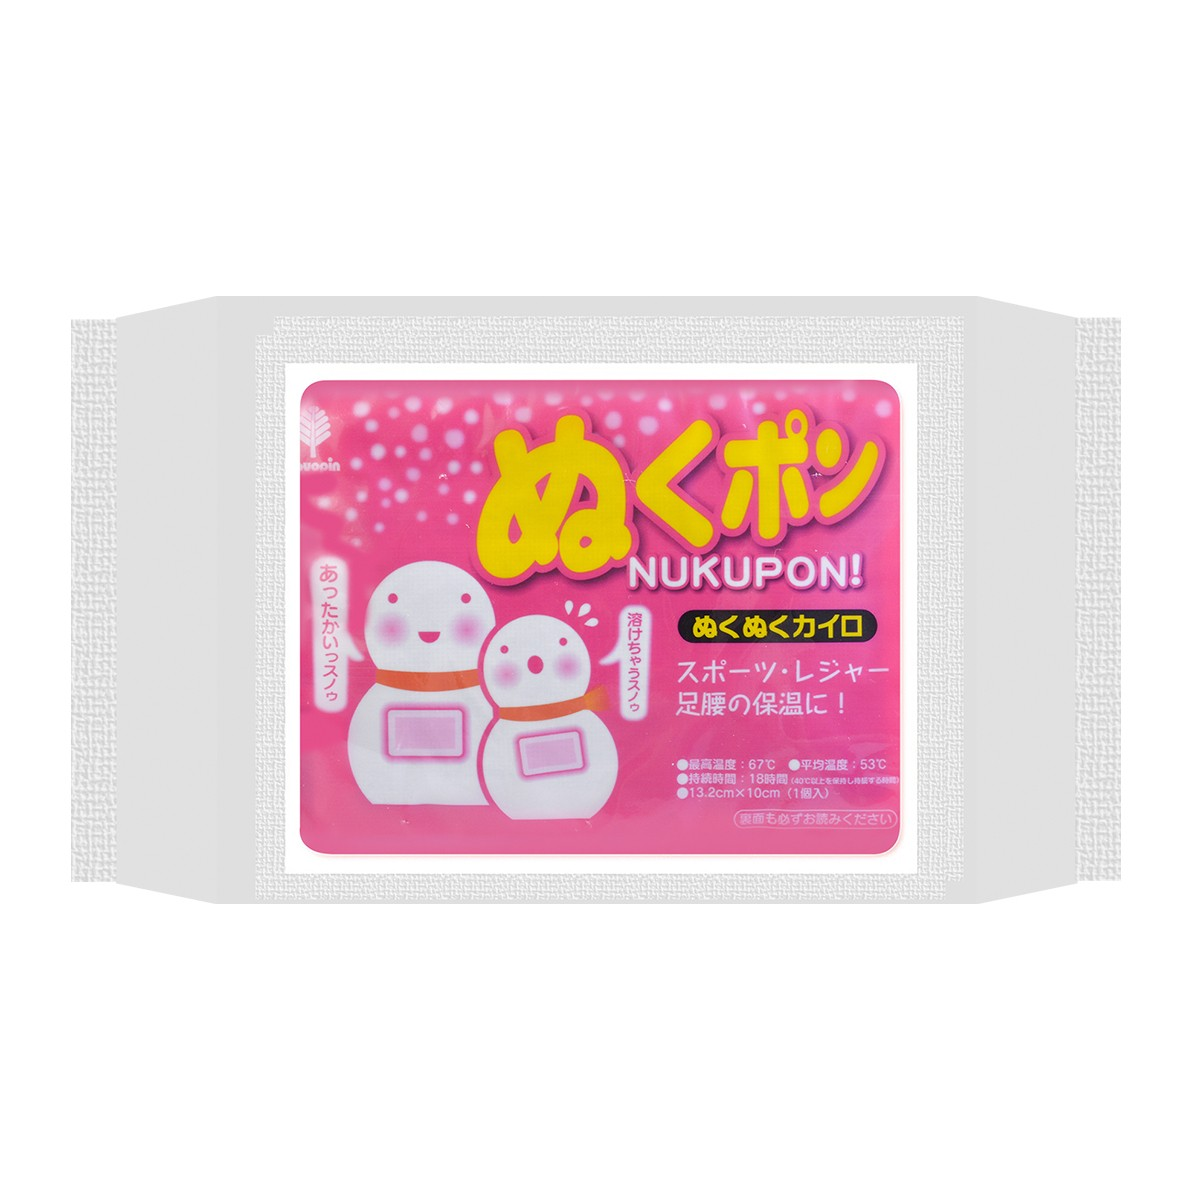 日本小久保NUKUPON 不可贴暖宝宝组 10枚入